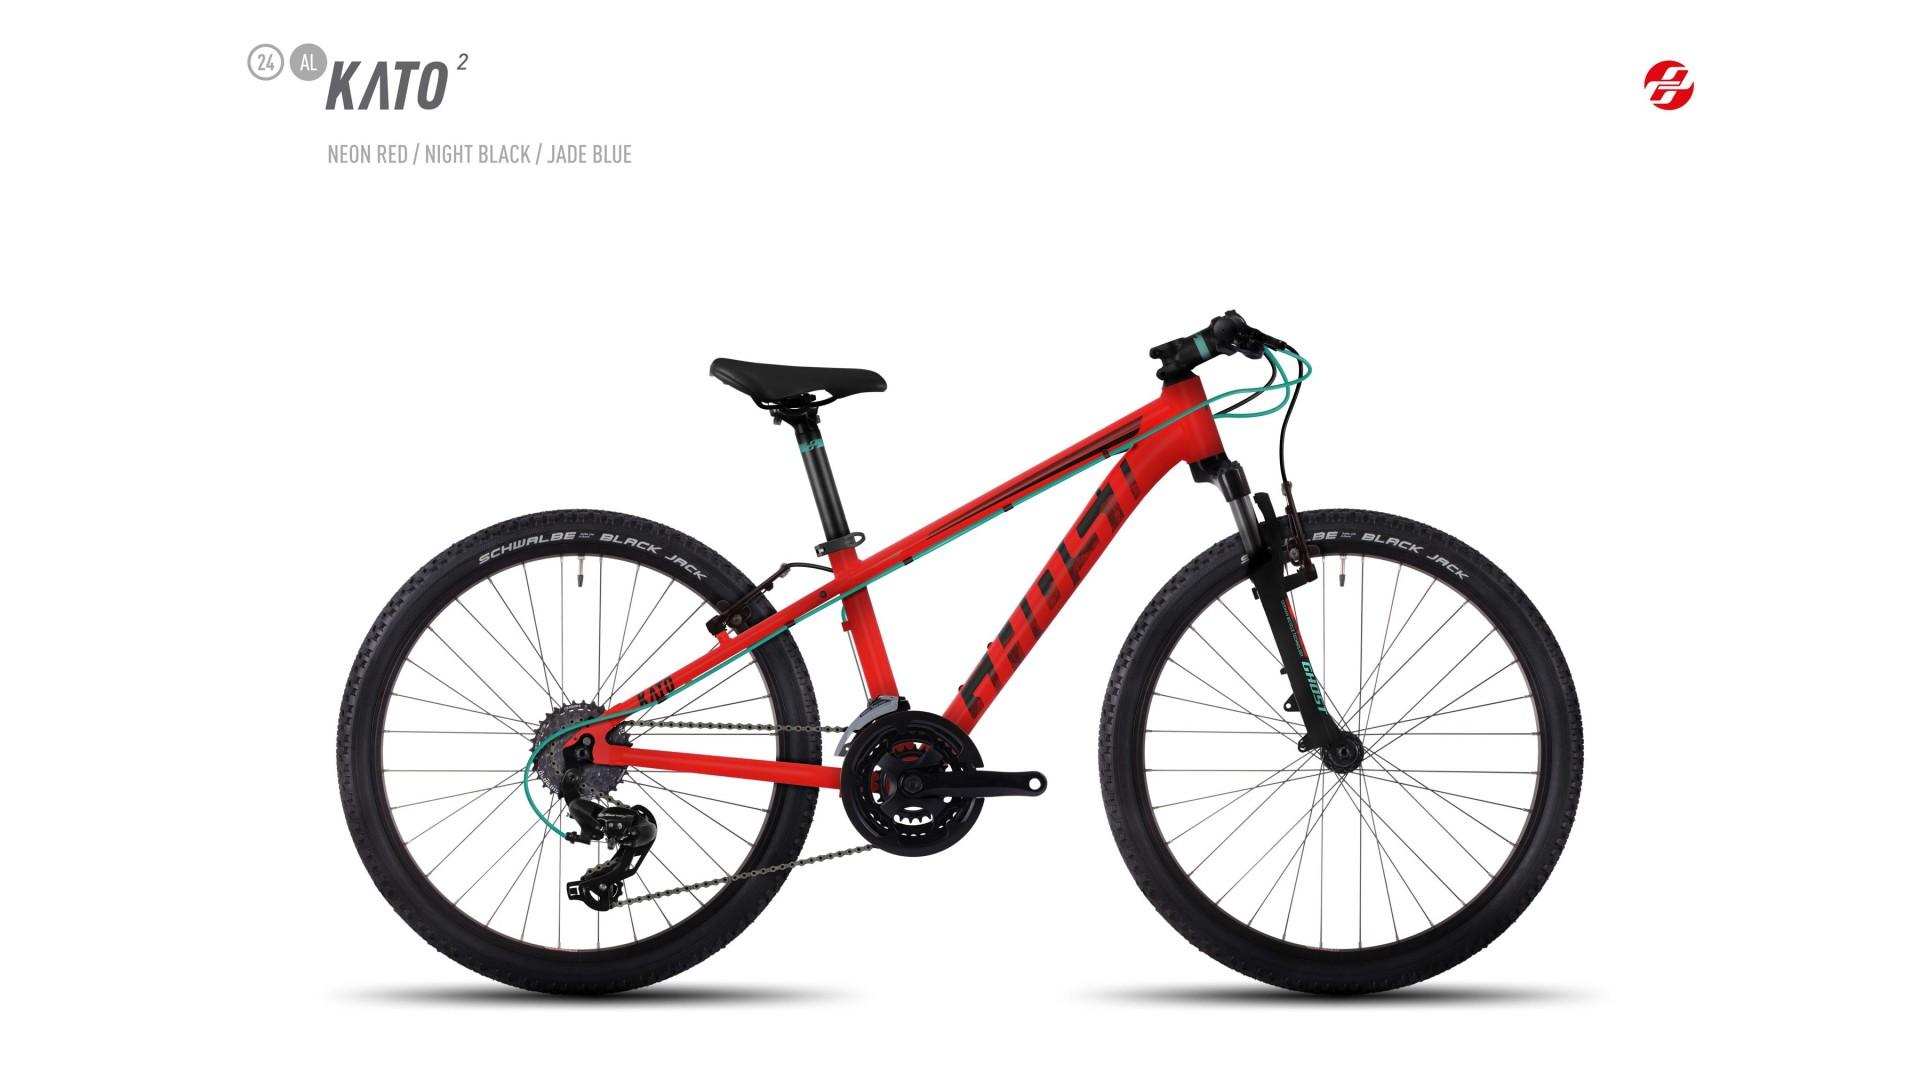 Велосипед GHOST Kato 2 AL 24 neonred/nightblack/jadeblue год 2017